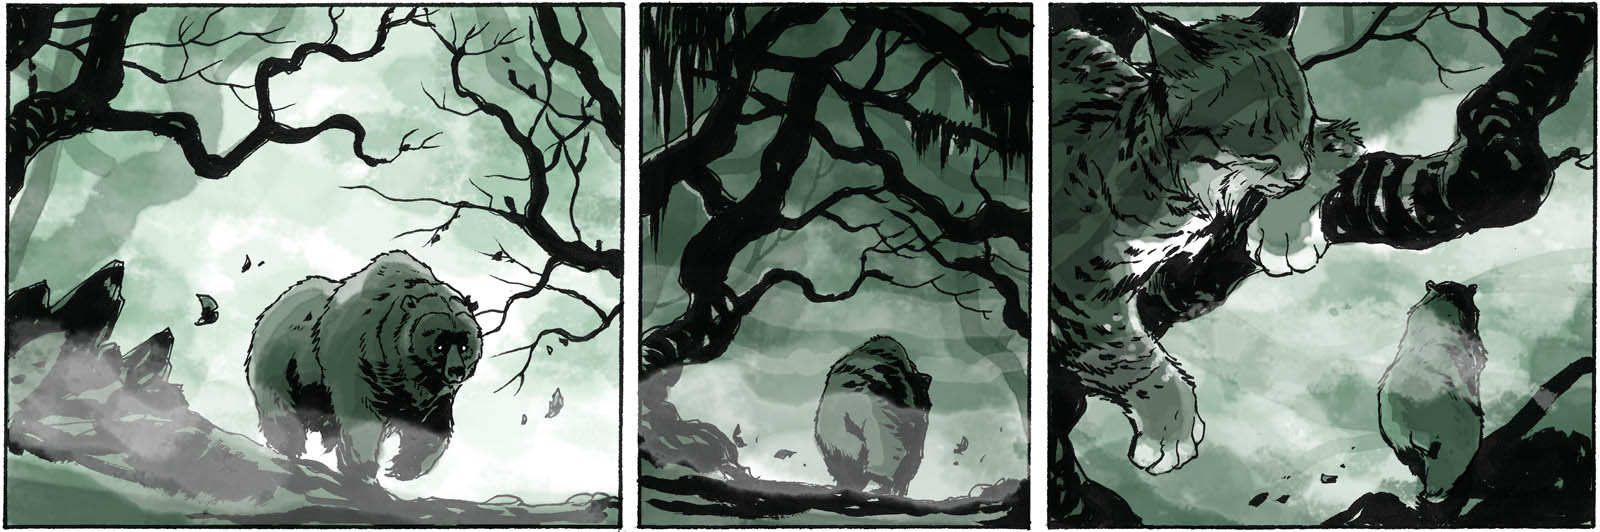 Watcher in the Woods